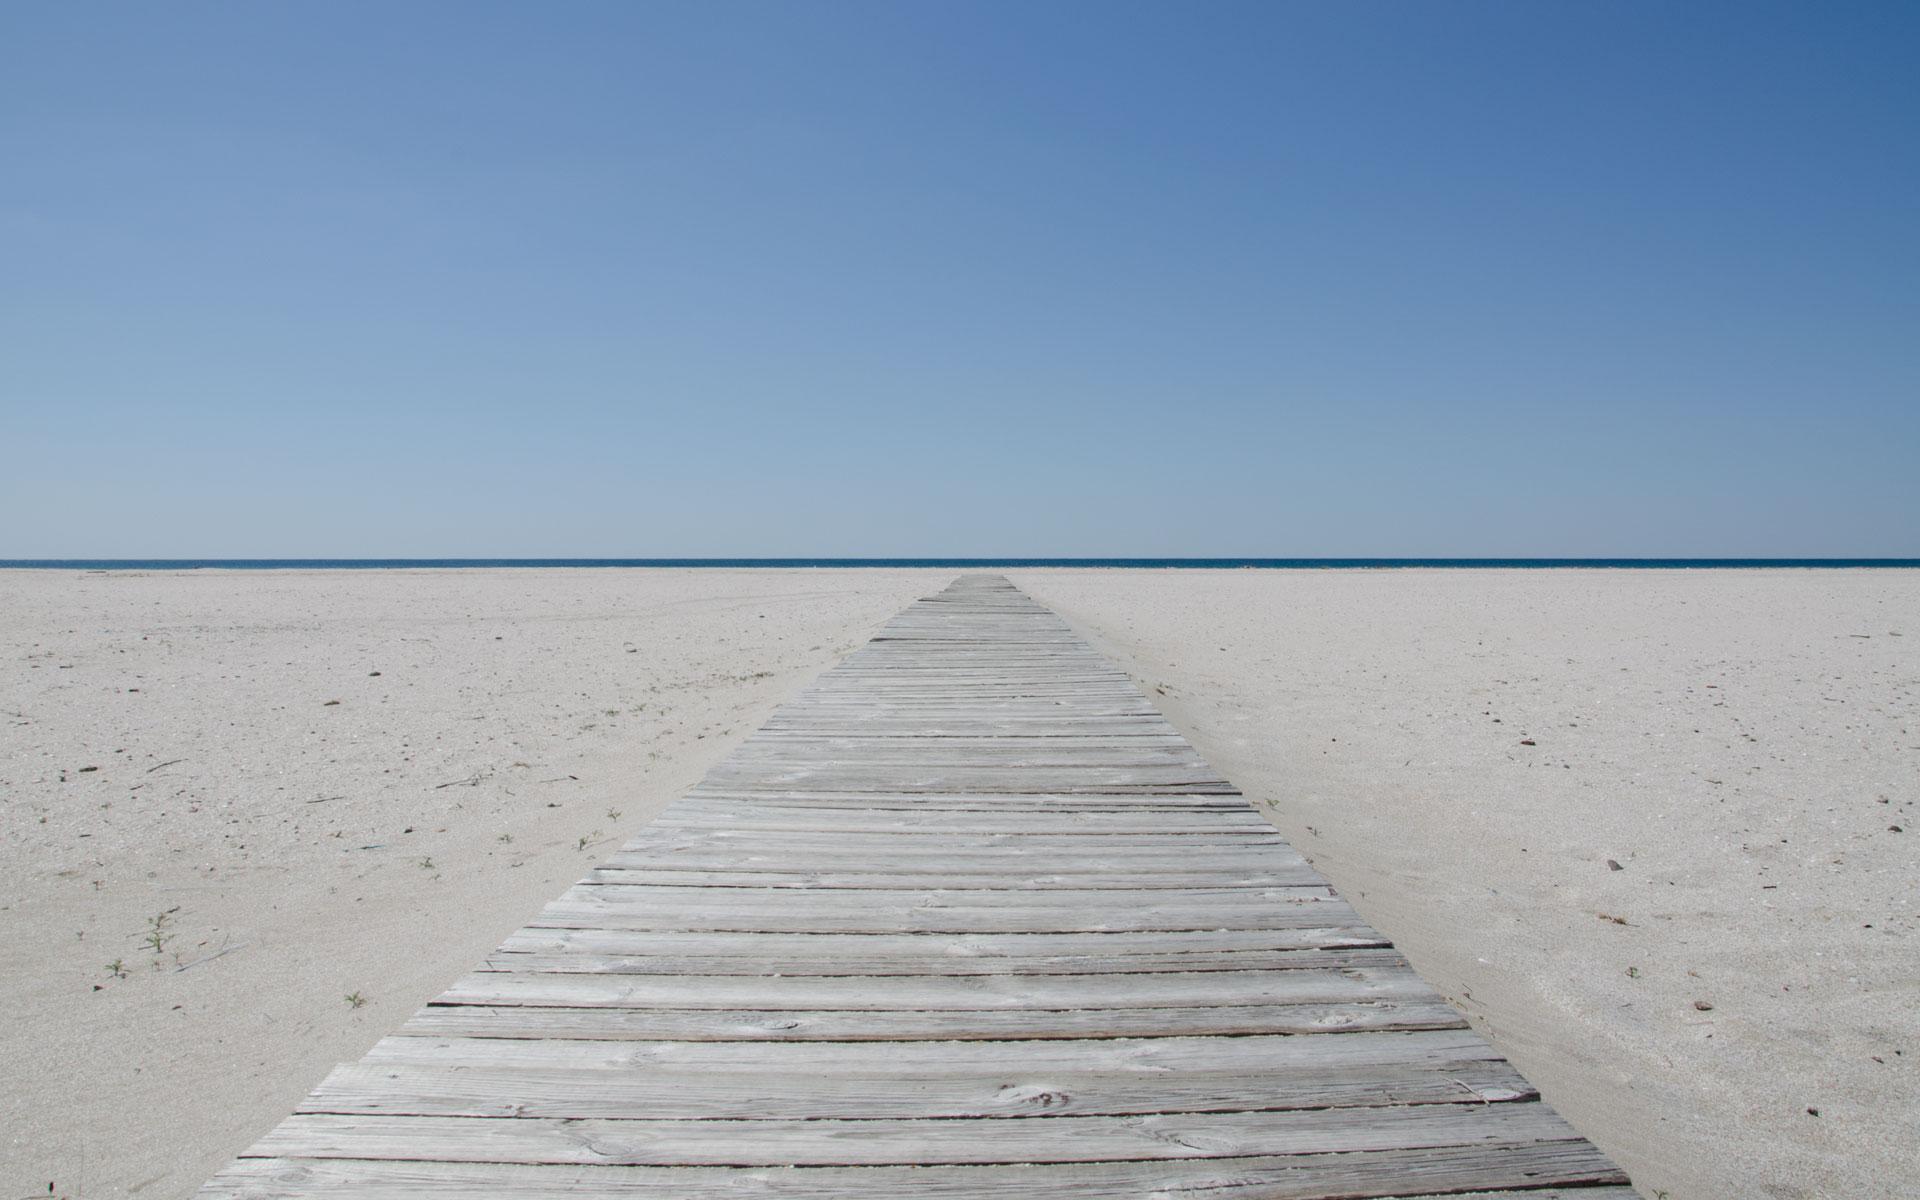 Коса Южная. Пустой пляж 2019. Фото Мирного